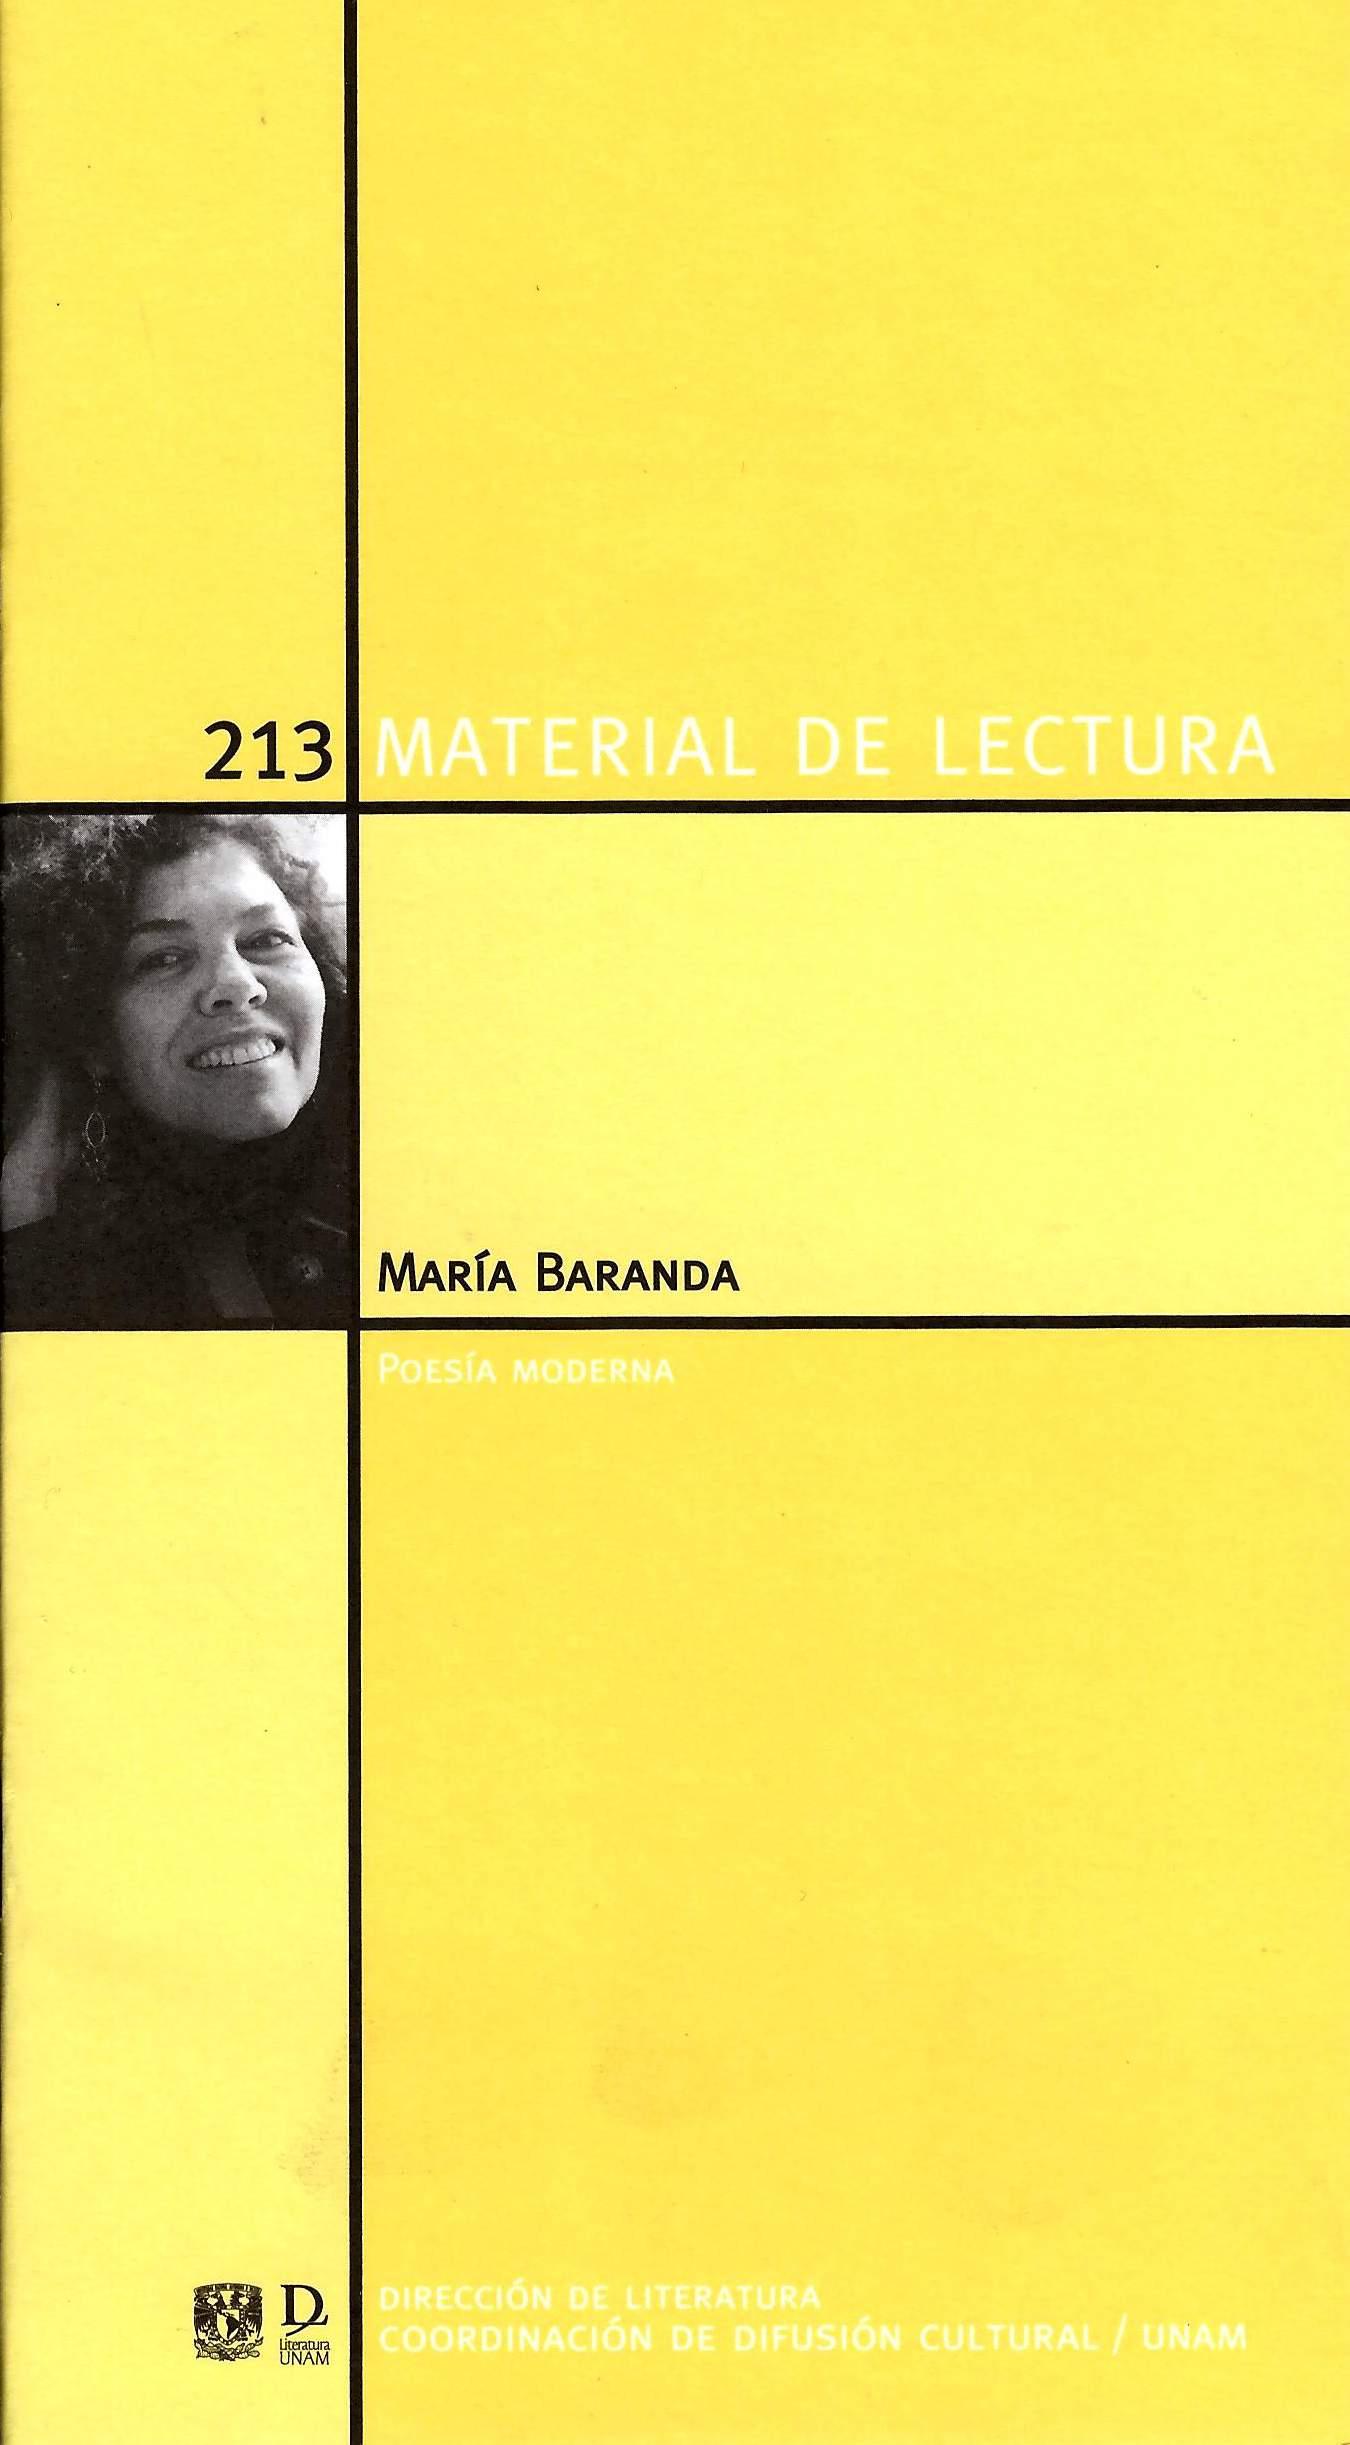 María Baranda. Poesía moderna. Material de lectura